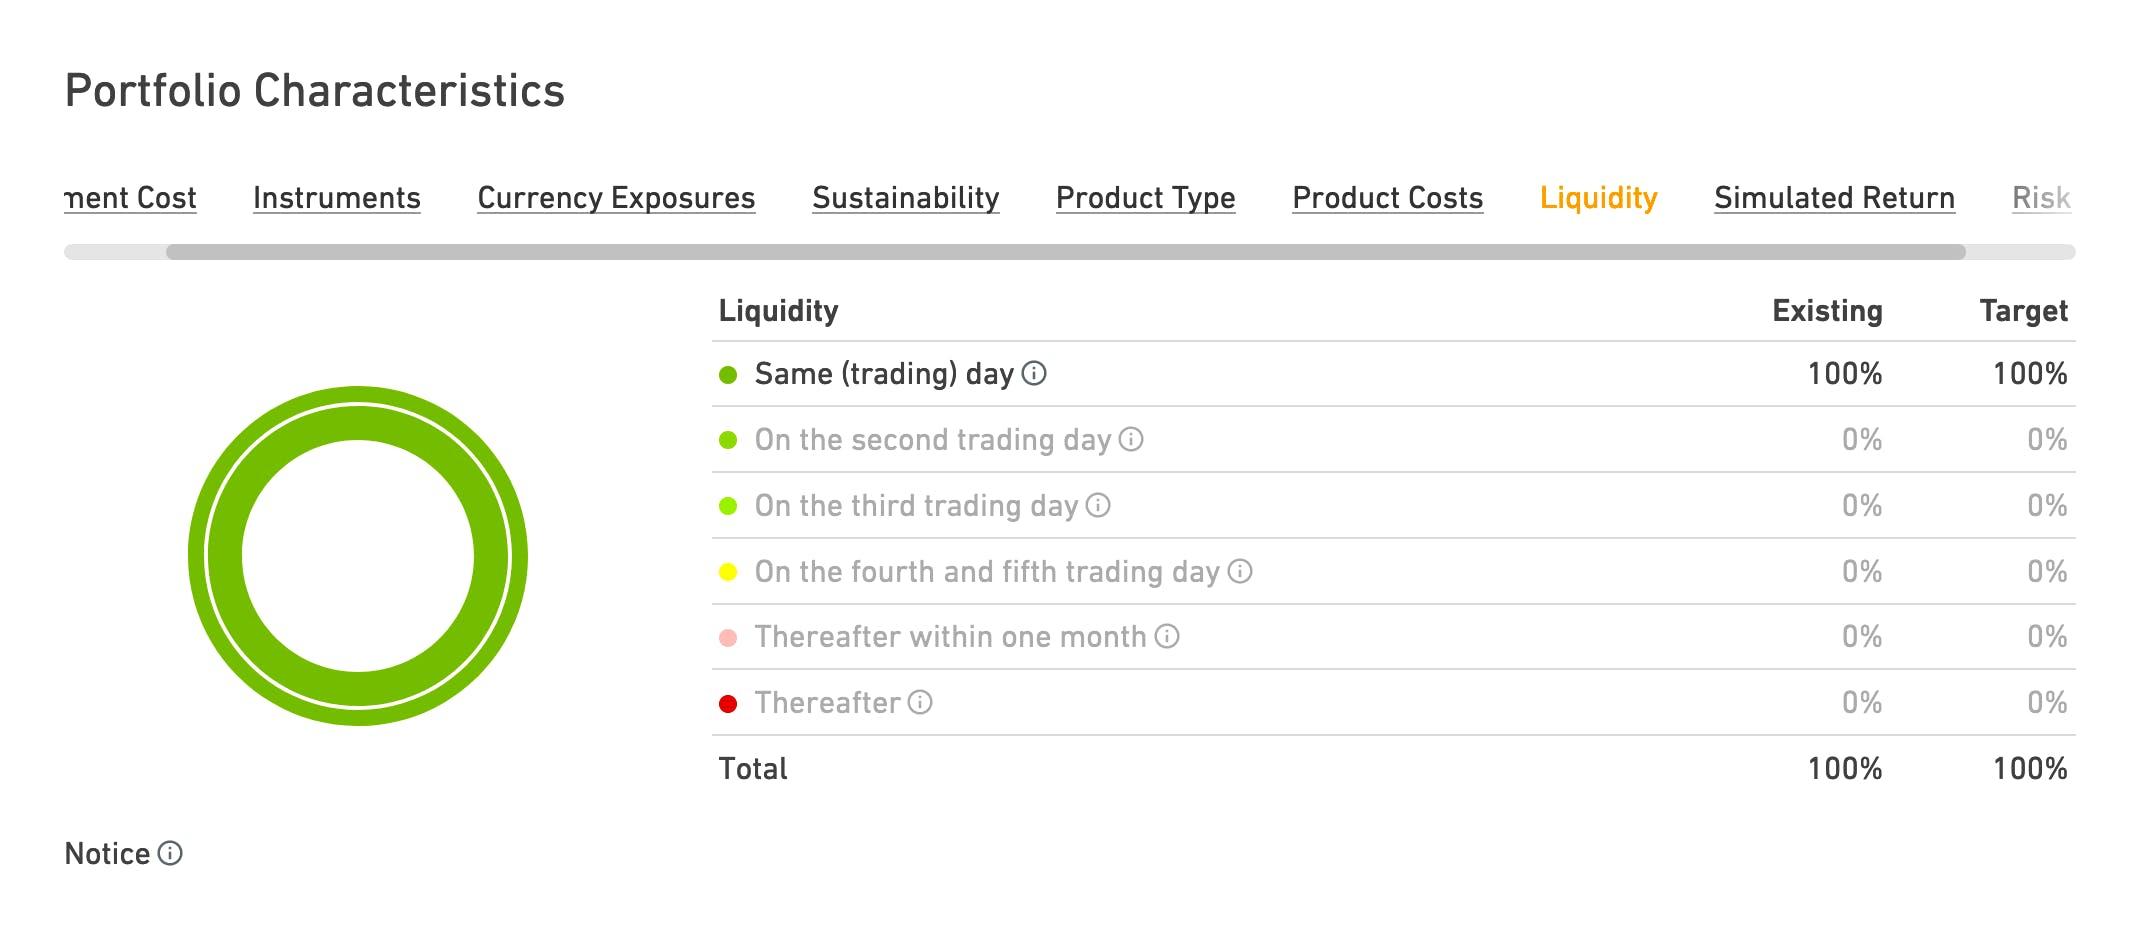 Portfolio Liquidity